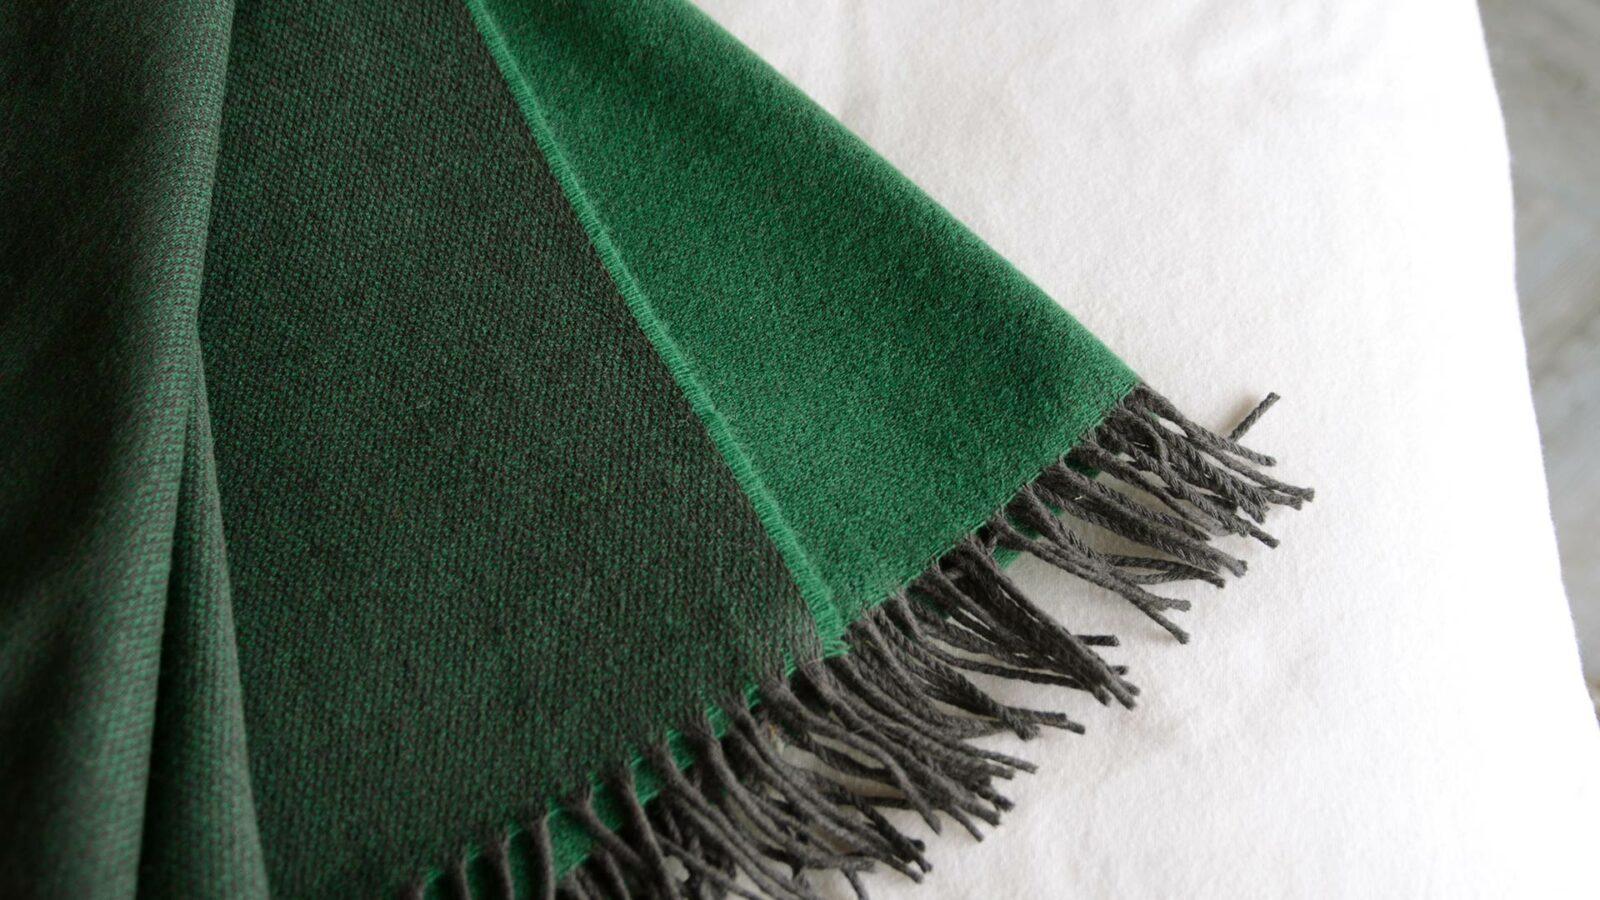 reversible emerald green merino lambswool throw with dark fringing